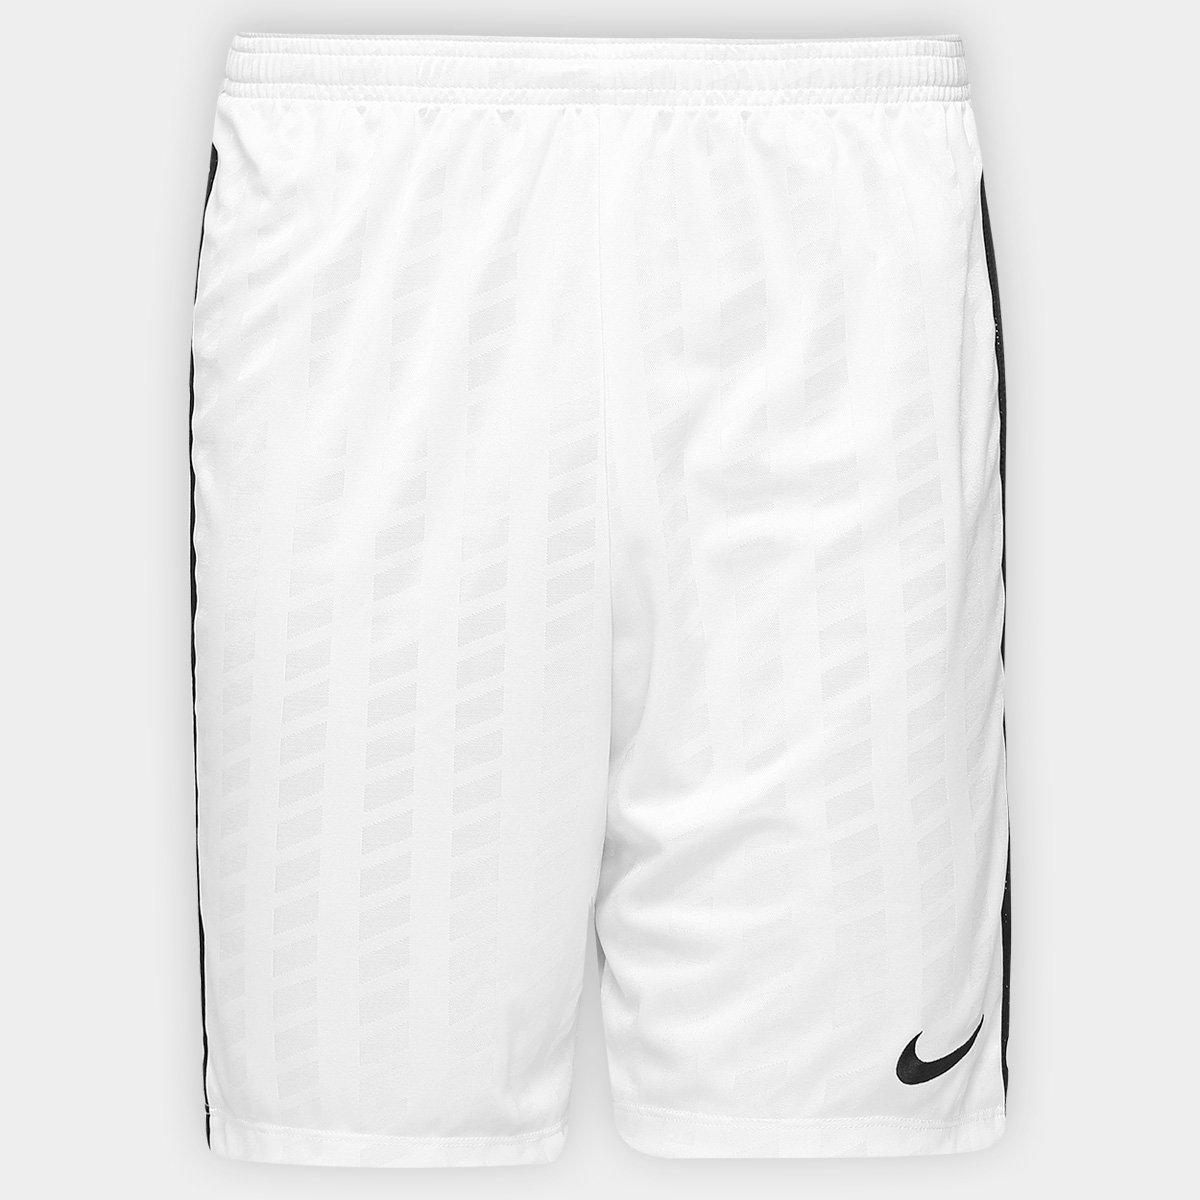 ea81d8dd91f46 Calção Nike Academy Jaq Masculino - Branco e Preto - Compre Agora ...